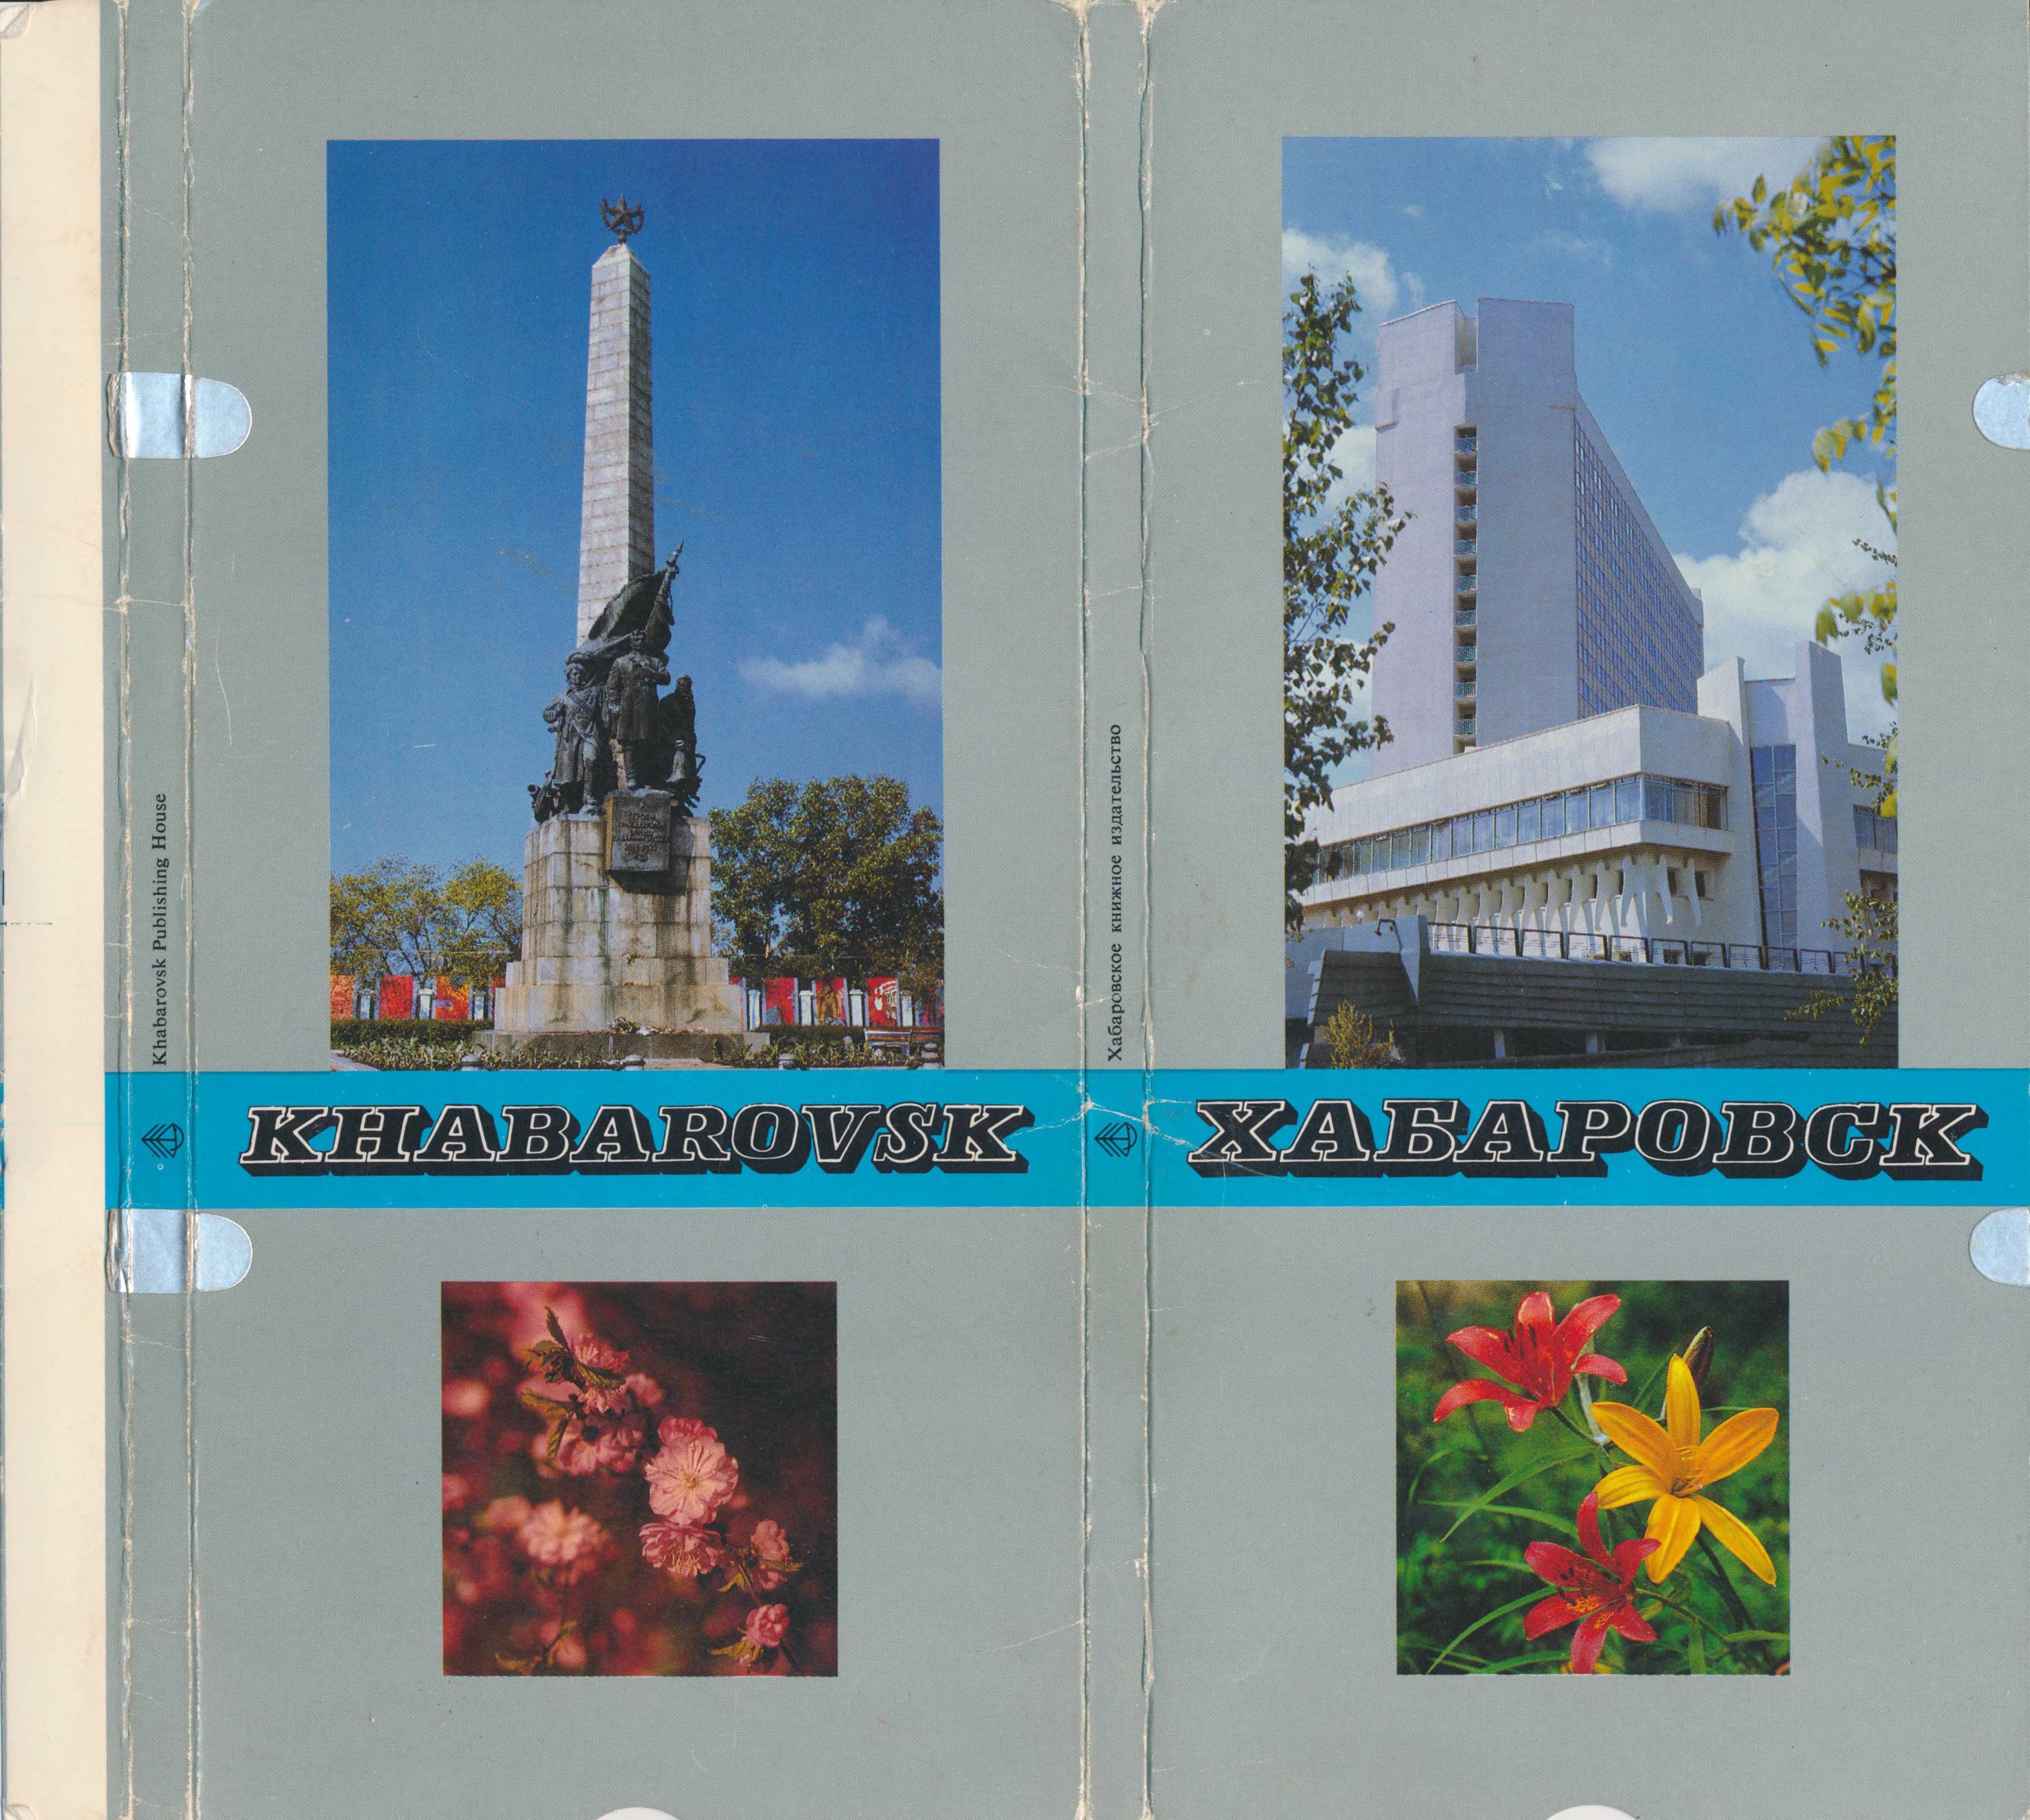 Открытки, музыкальные открытки хабаровск